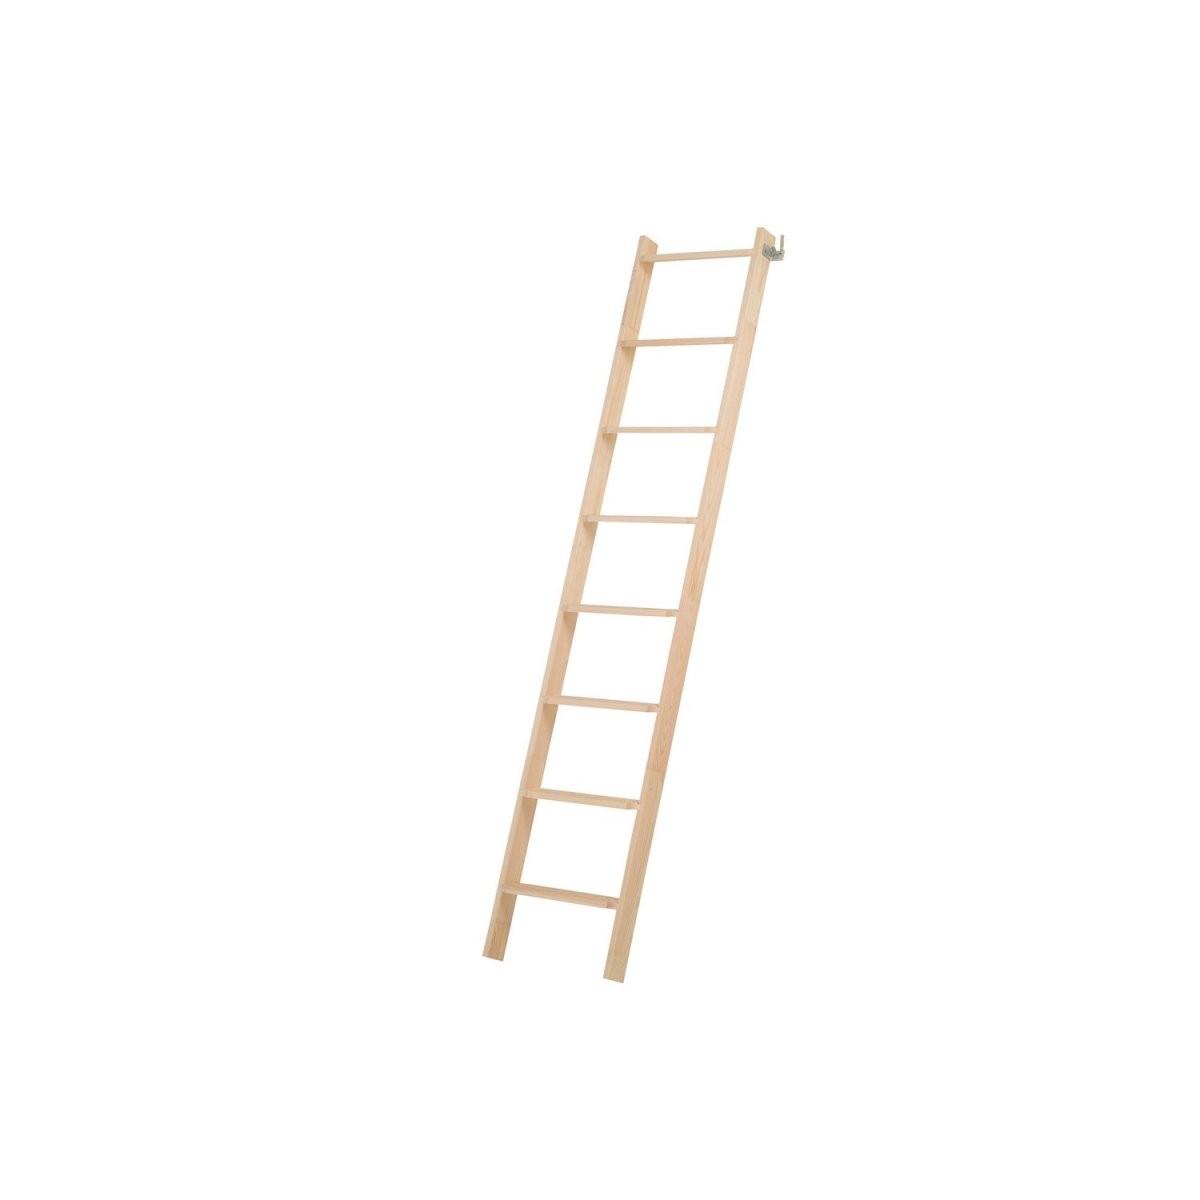 Dolle Hochbettleiter Mit 8 Stufen Kaufen Bei Obi von Treppe Für Hochbett Kaufen Photo